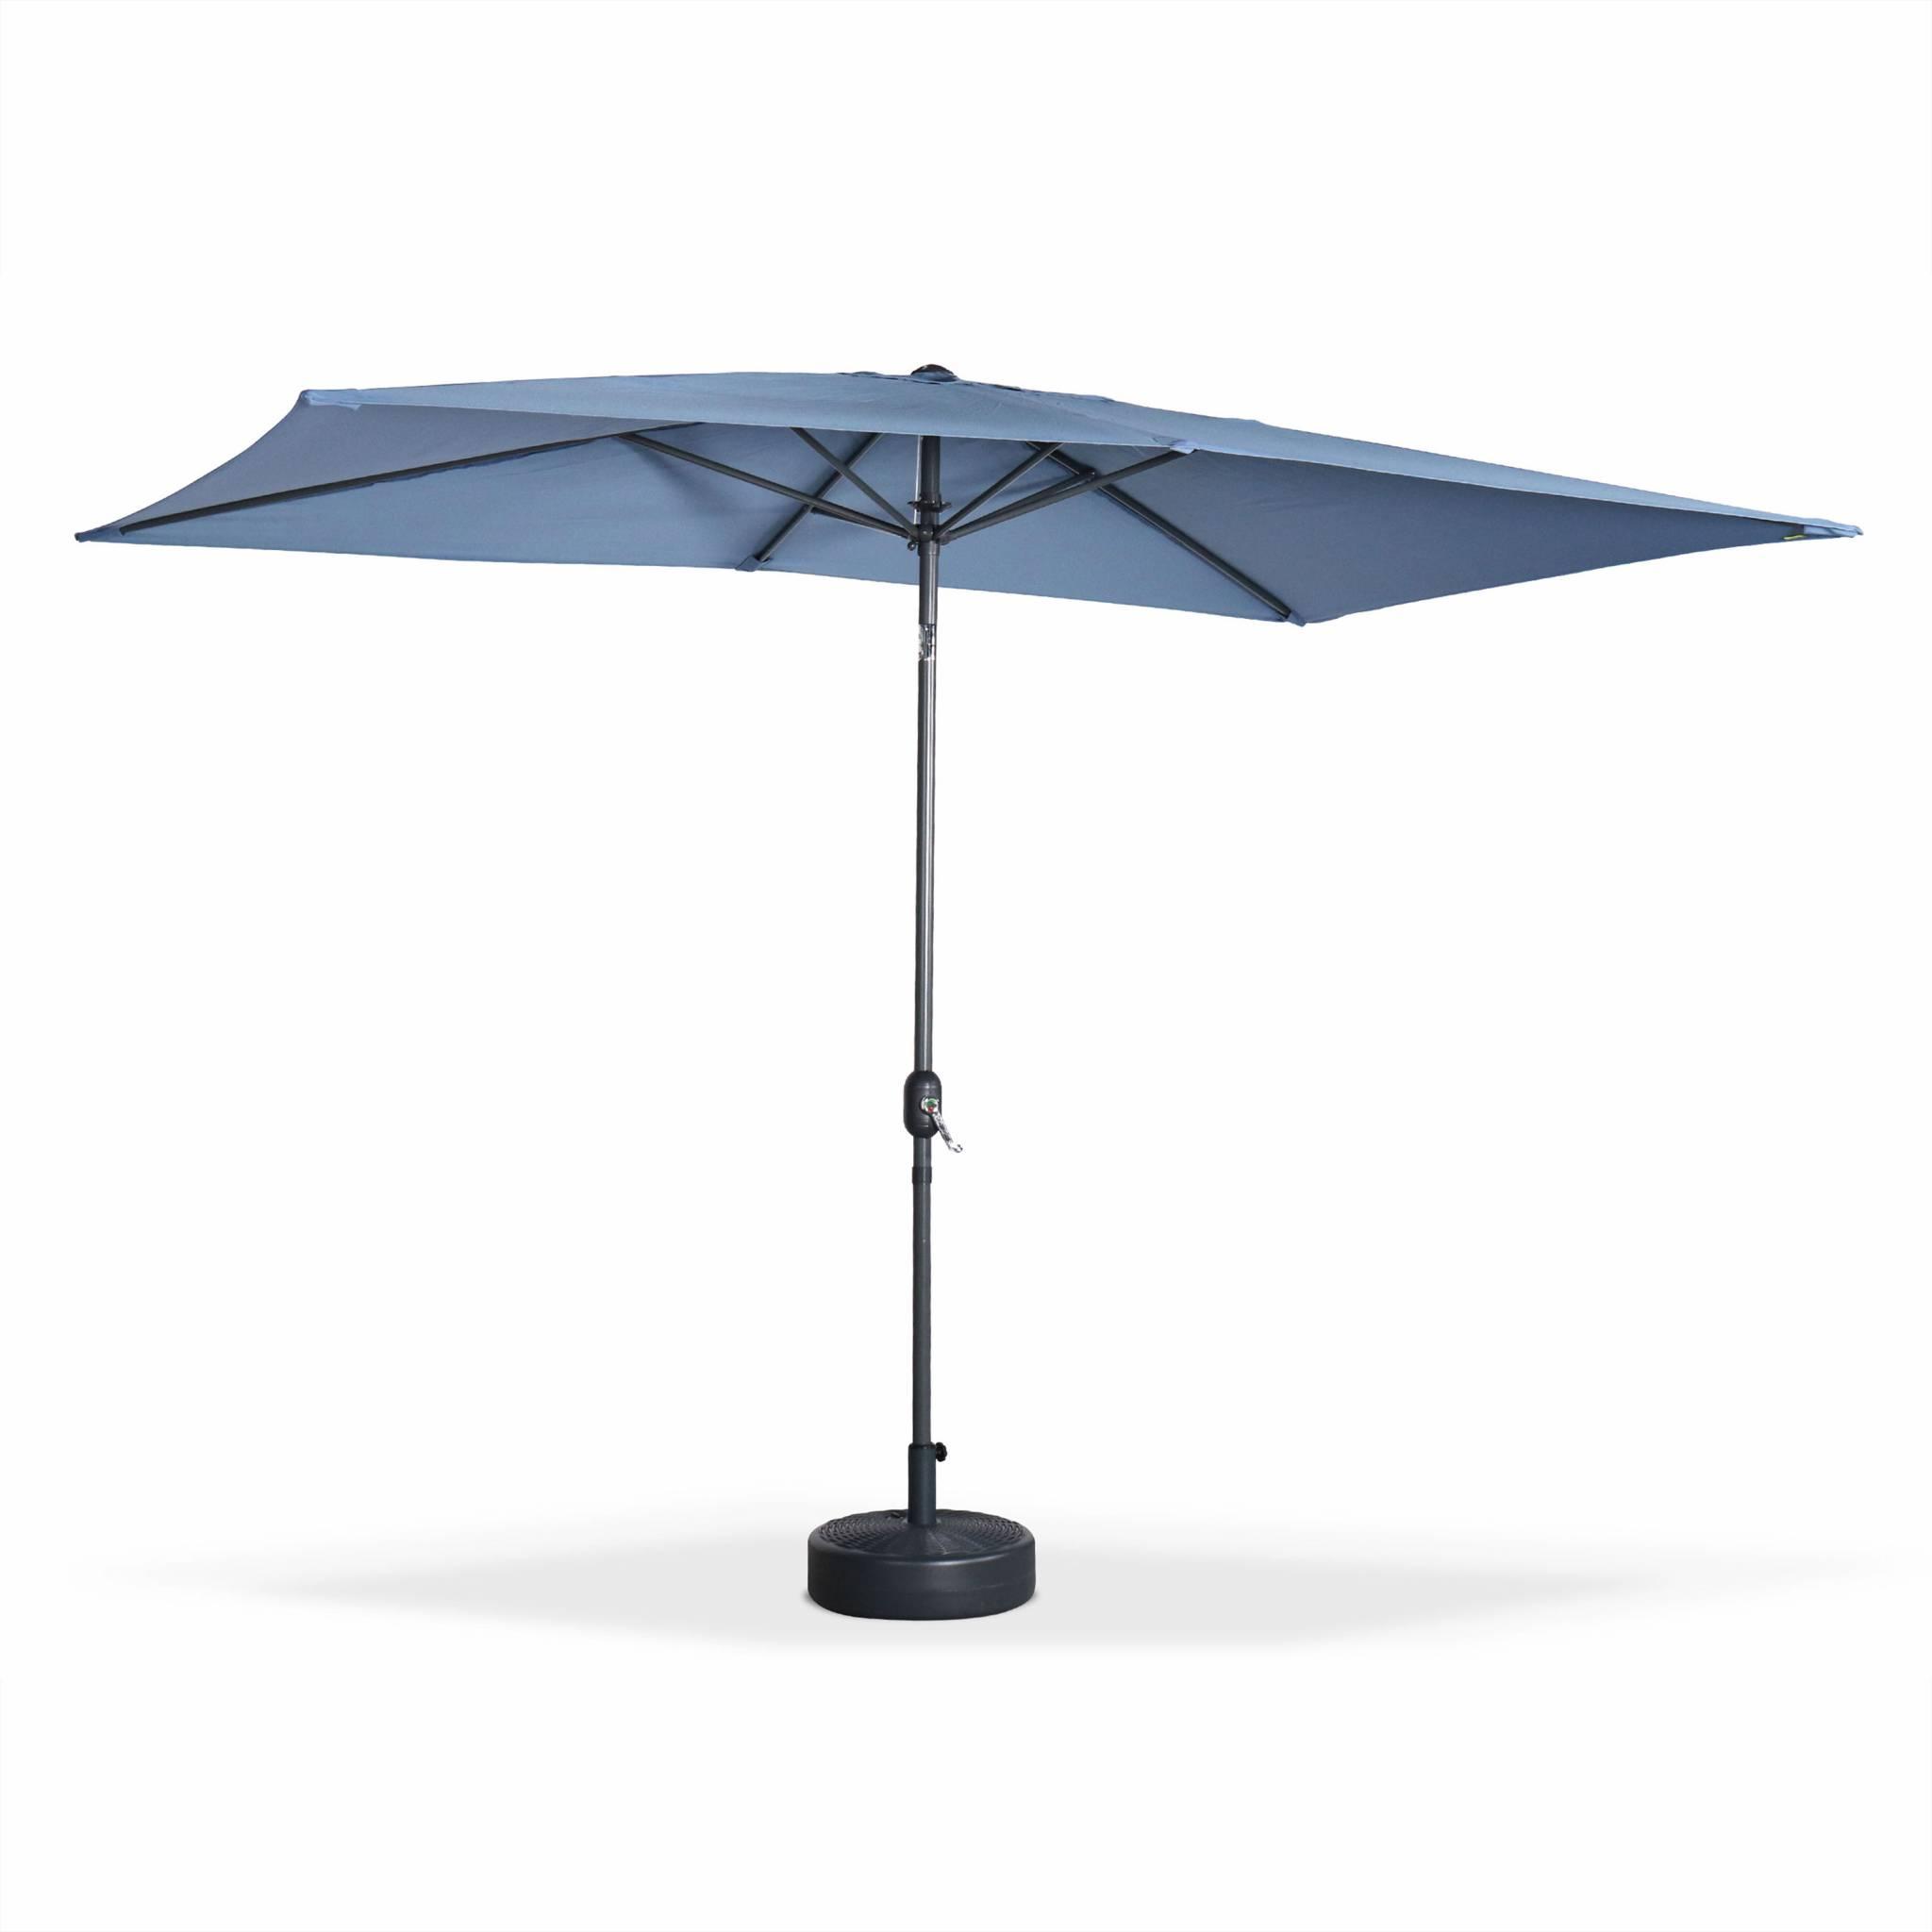 Parasol droit 2x3m rectangulaire en aluminium bleu grisé